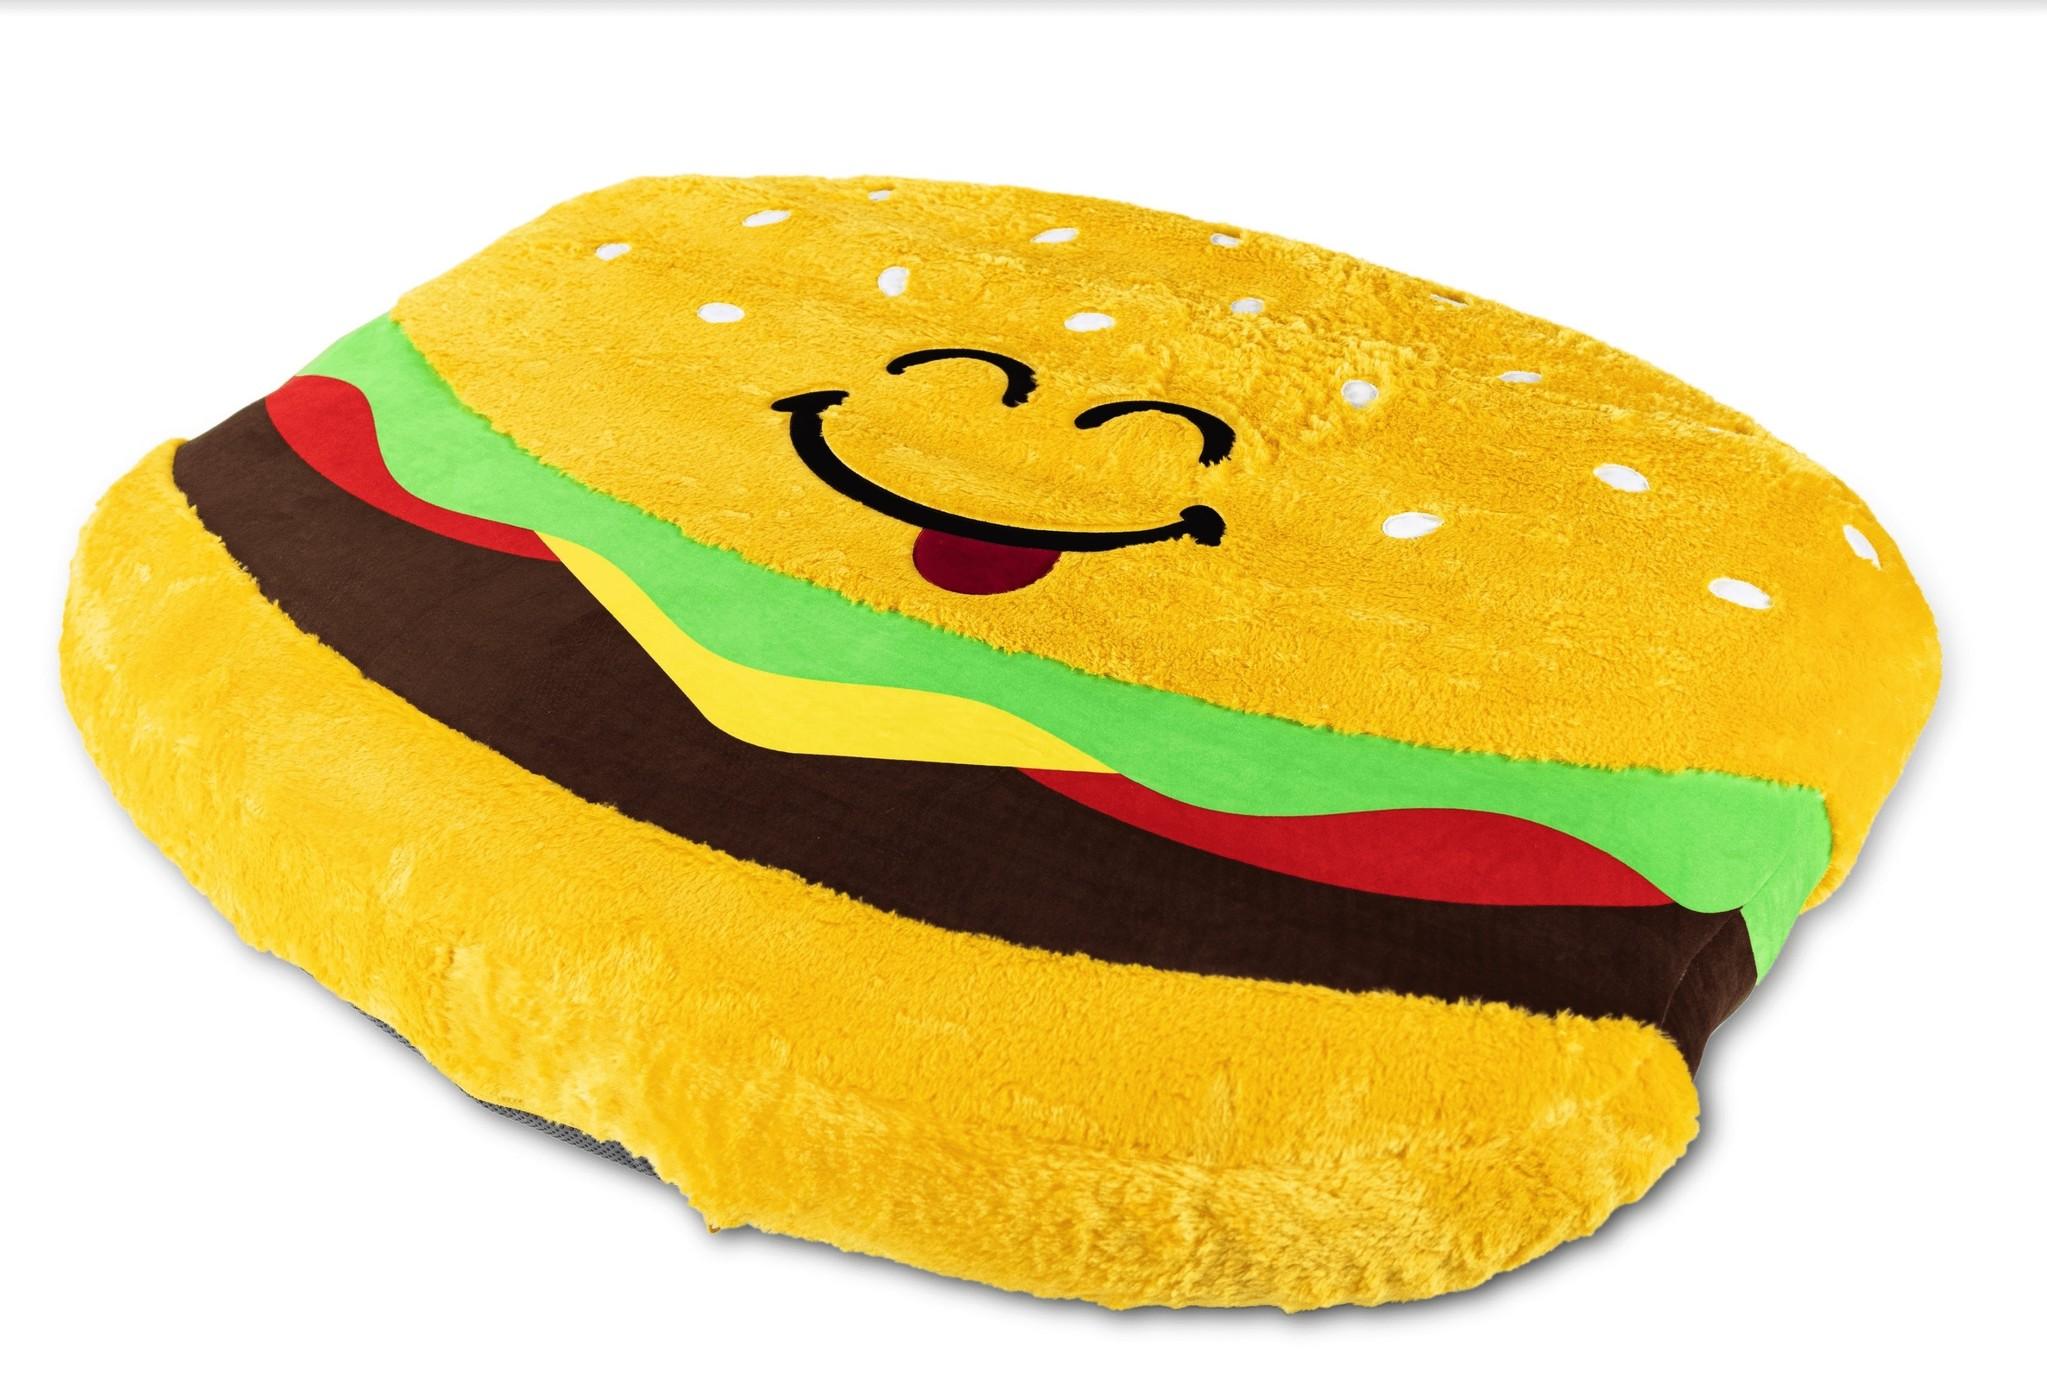 Hamburger Inflatable Floor Floatie-7